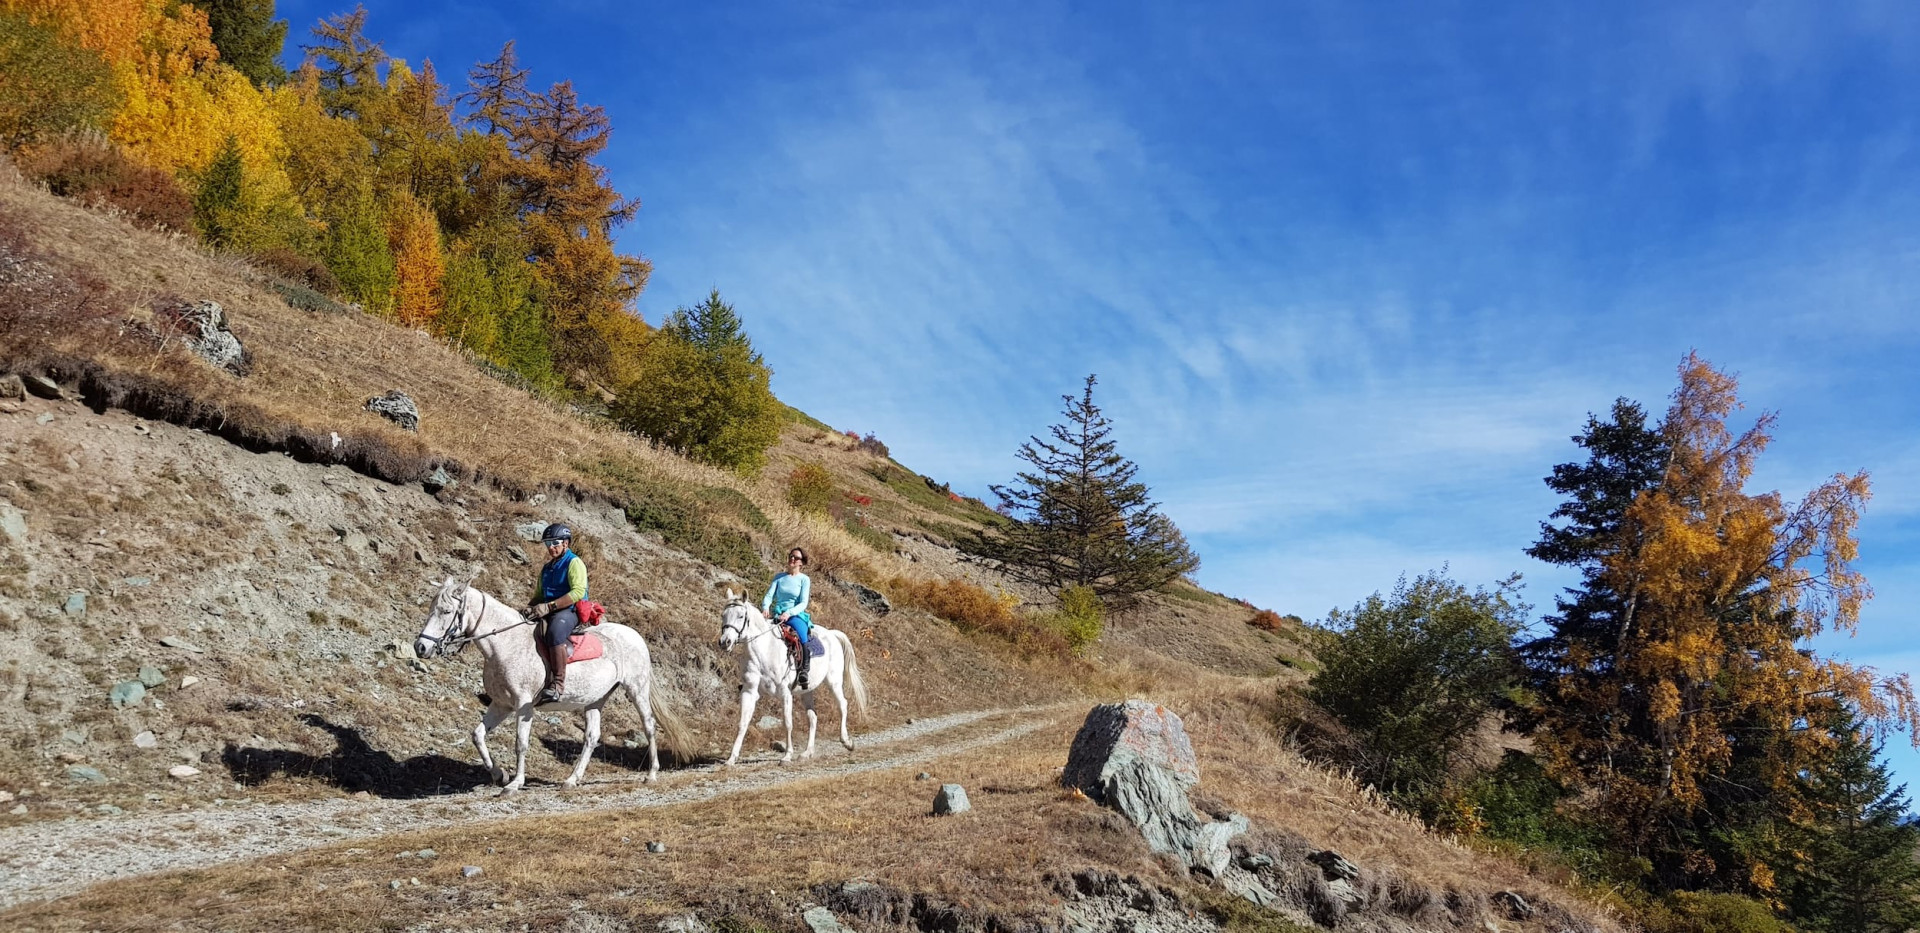 Escursione a cavallo sui sentieri della Valle d'Aosta